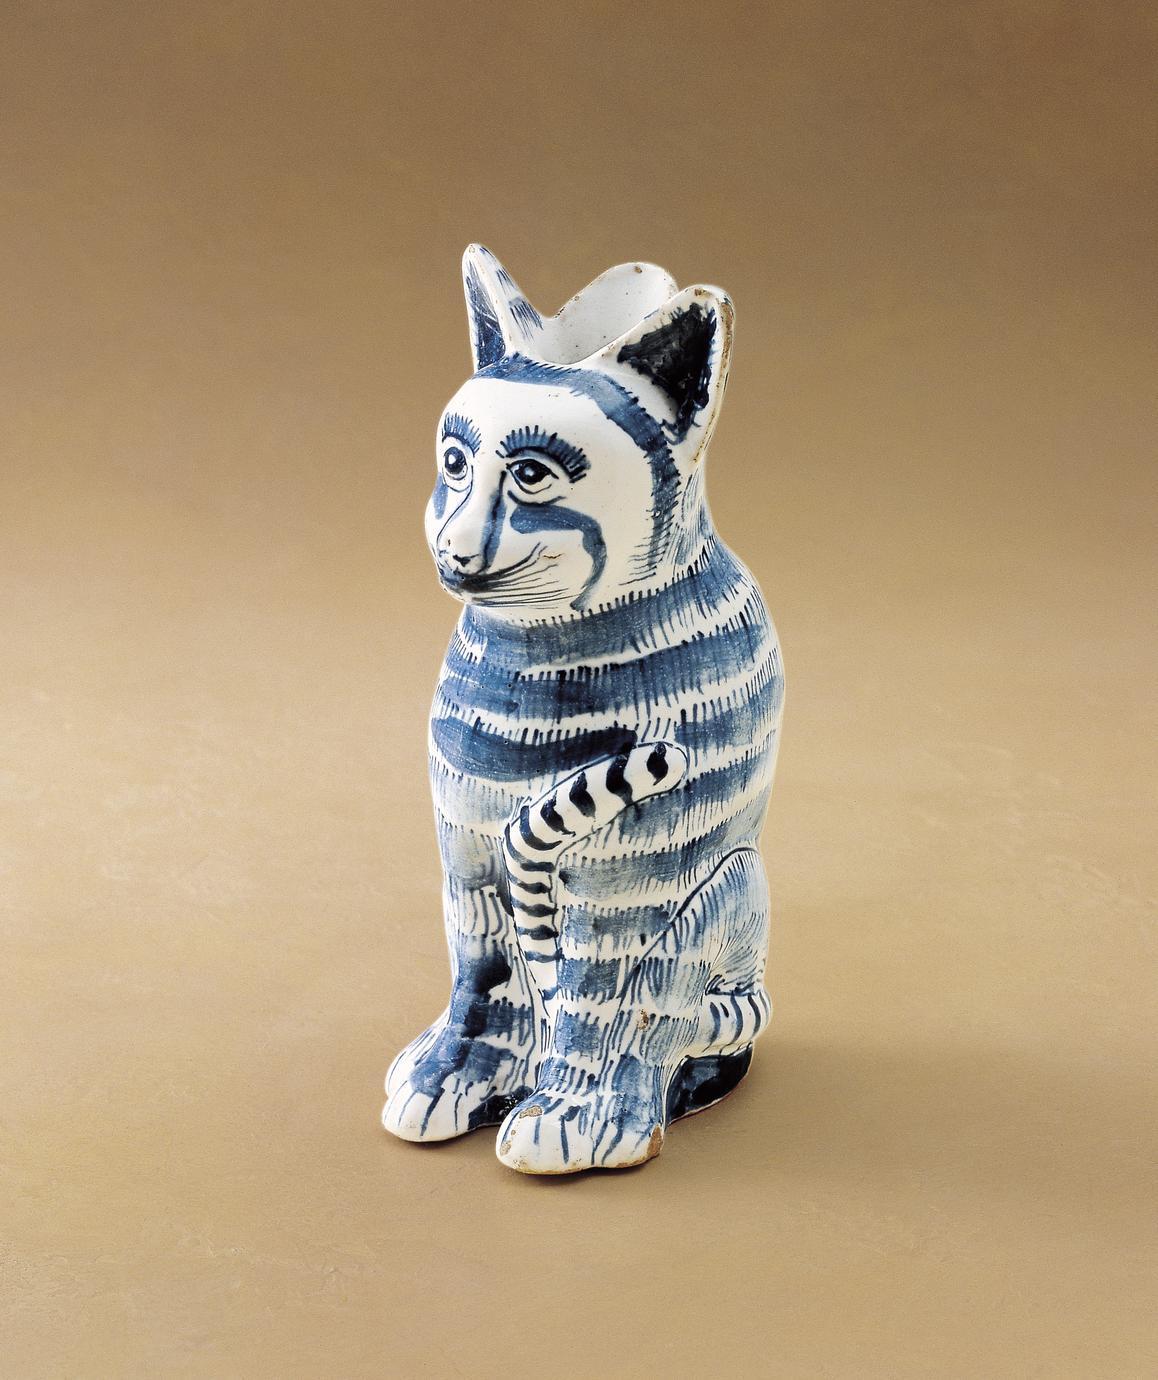 Cat jug (1 of 2)